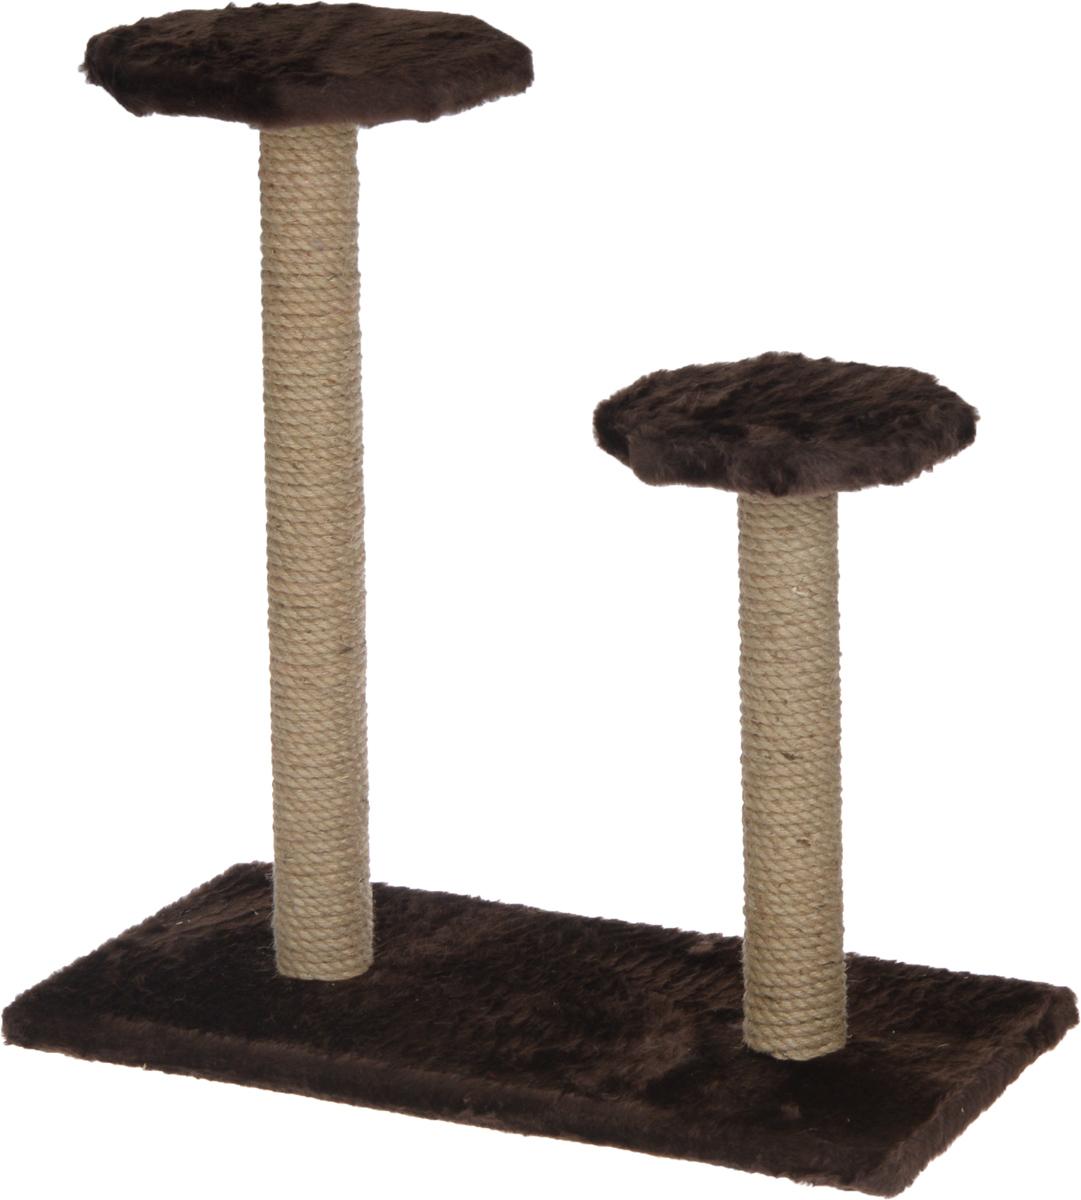 Когтеточка ЗооМарк, на подставке, с полками, цвет: темно-коричневый, 56 х 31 х 64 см108_темно-коричневыйКогтеточка ЗооМарк поможет сохранить мебель и ковры в доме от когтей вашего любимца, стремящегося удовлетворить свою естественную потребность точить когти. Когтеточка изготовлена из дерева, искусственного меха и джута. Товар продуман в мельчайших деталях и, несомненно, понравится вашей кошке. Имеется две полки. Всем кошкам необходимо стачивать когти. Когтеточка - один из самых необходимых аксессуаров для кошки. Для приучения к когтеточке можно натереть ее сухой валерьянкой или кошачьей мятой. Когтеточка поможет вашему любимцу стачивать когти и при этом не портить вашу мебель.